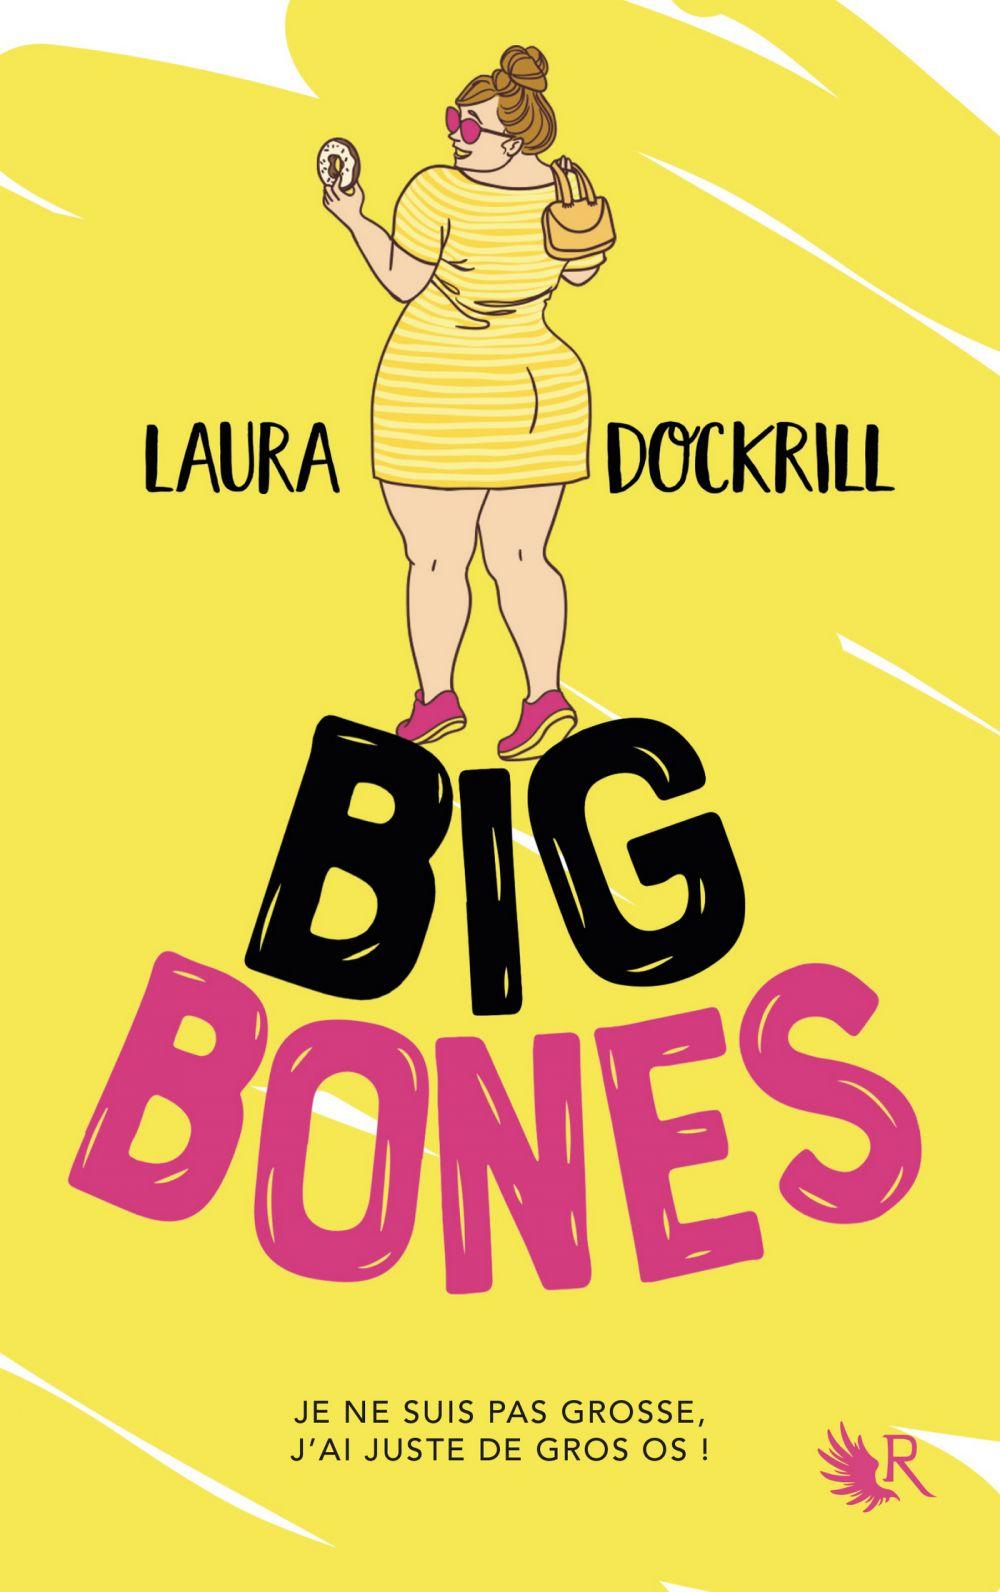 Big Bones - Édition française | DOCKRILL, Laura. Auteur